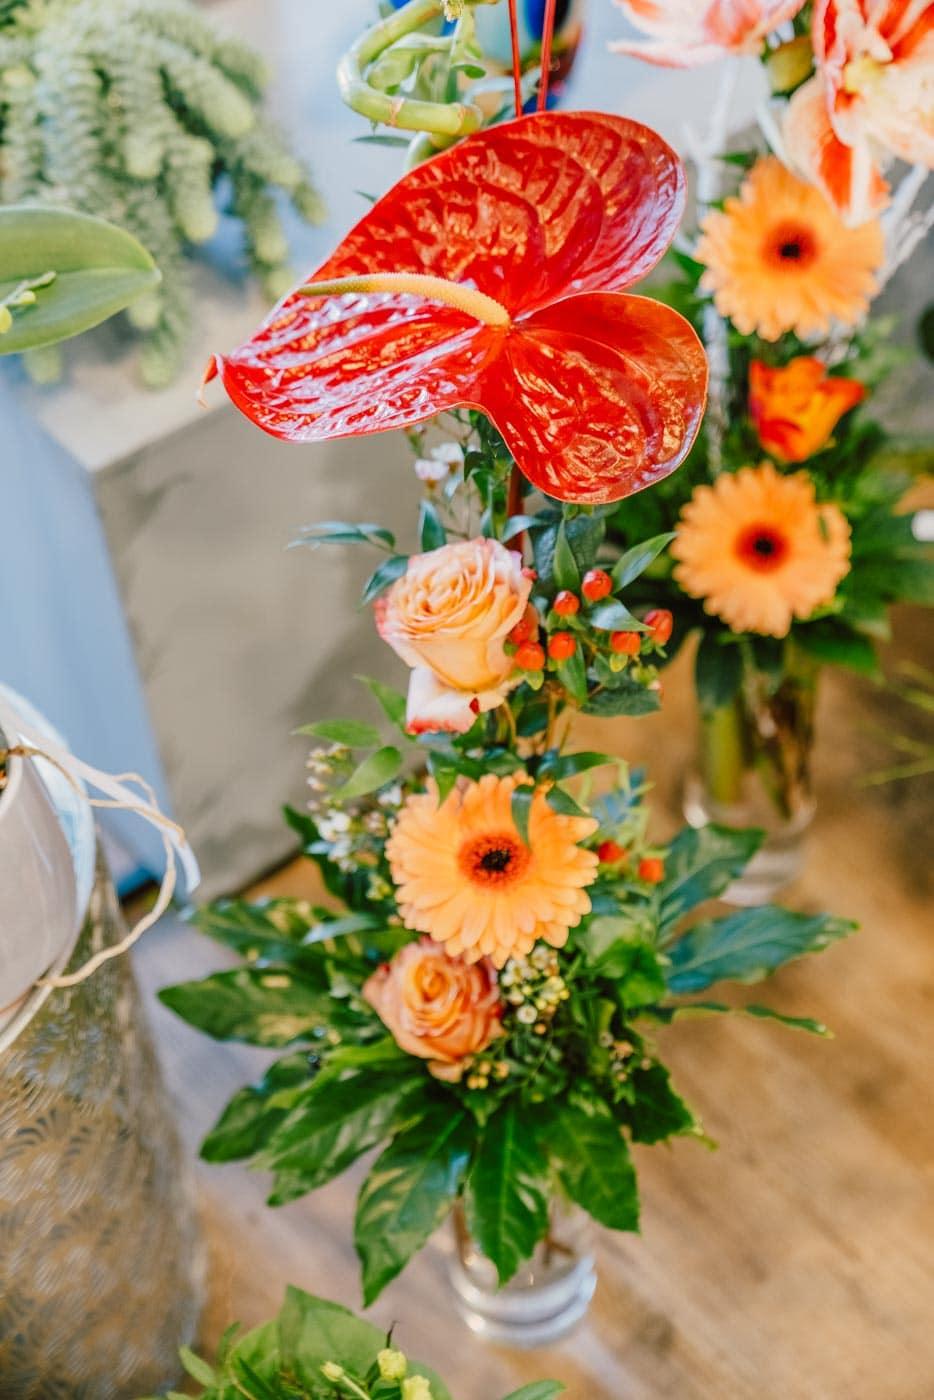 Blumen-Gaby-Strohmeier-straeusse-feb20-1